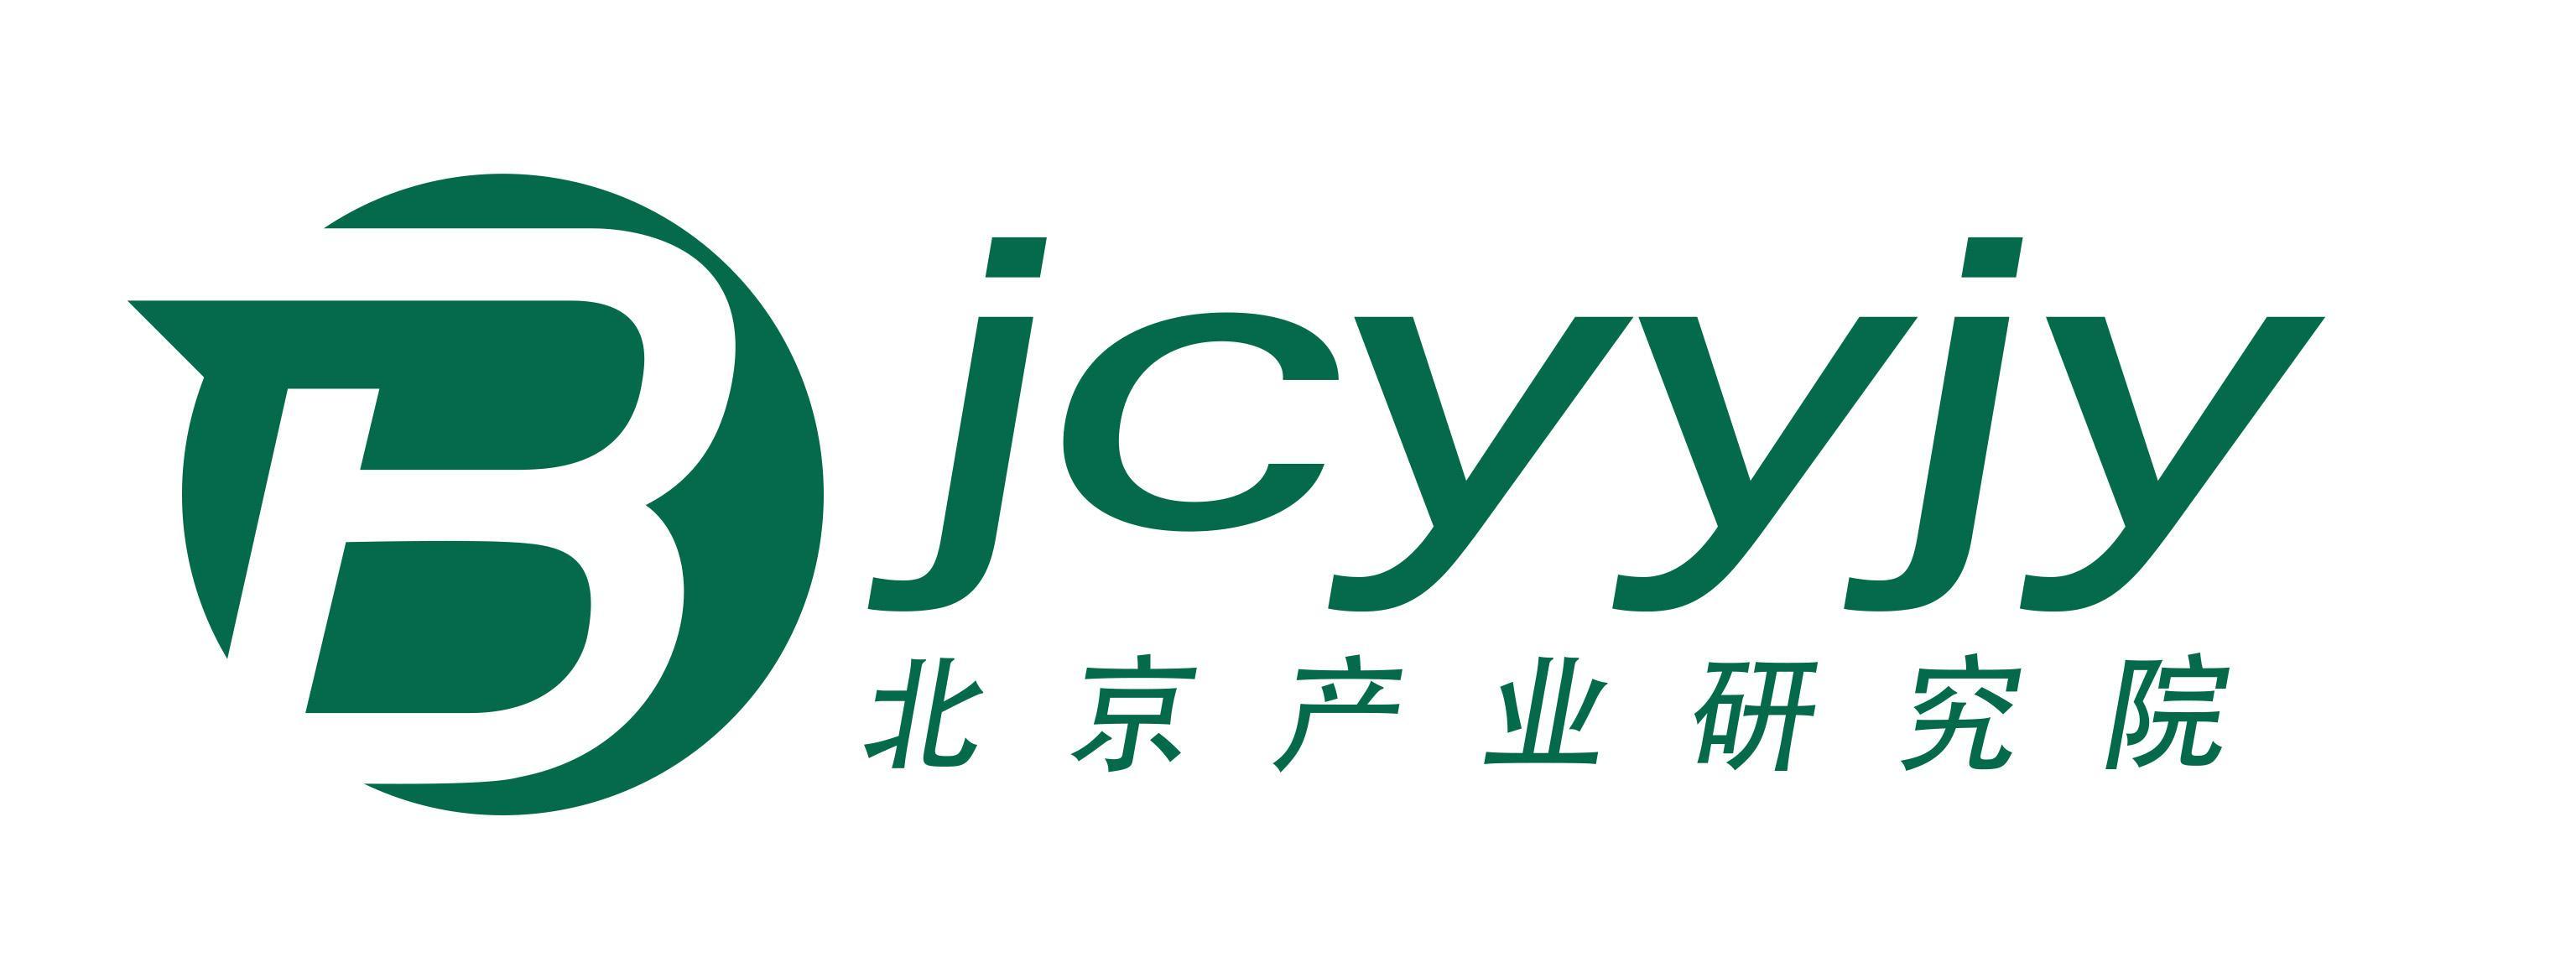 中国AC发泡剂行业未来发展趋势预测及销售规模分析报告